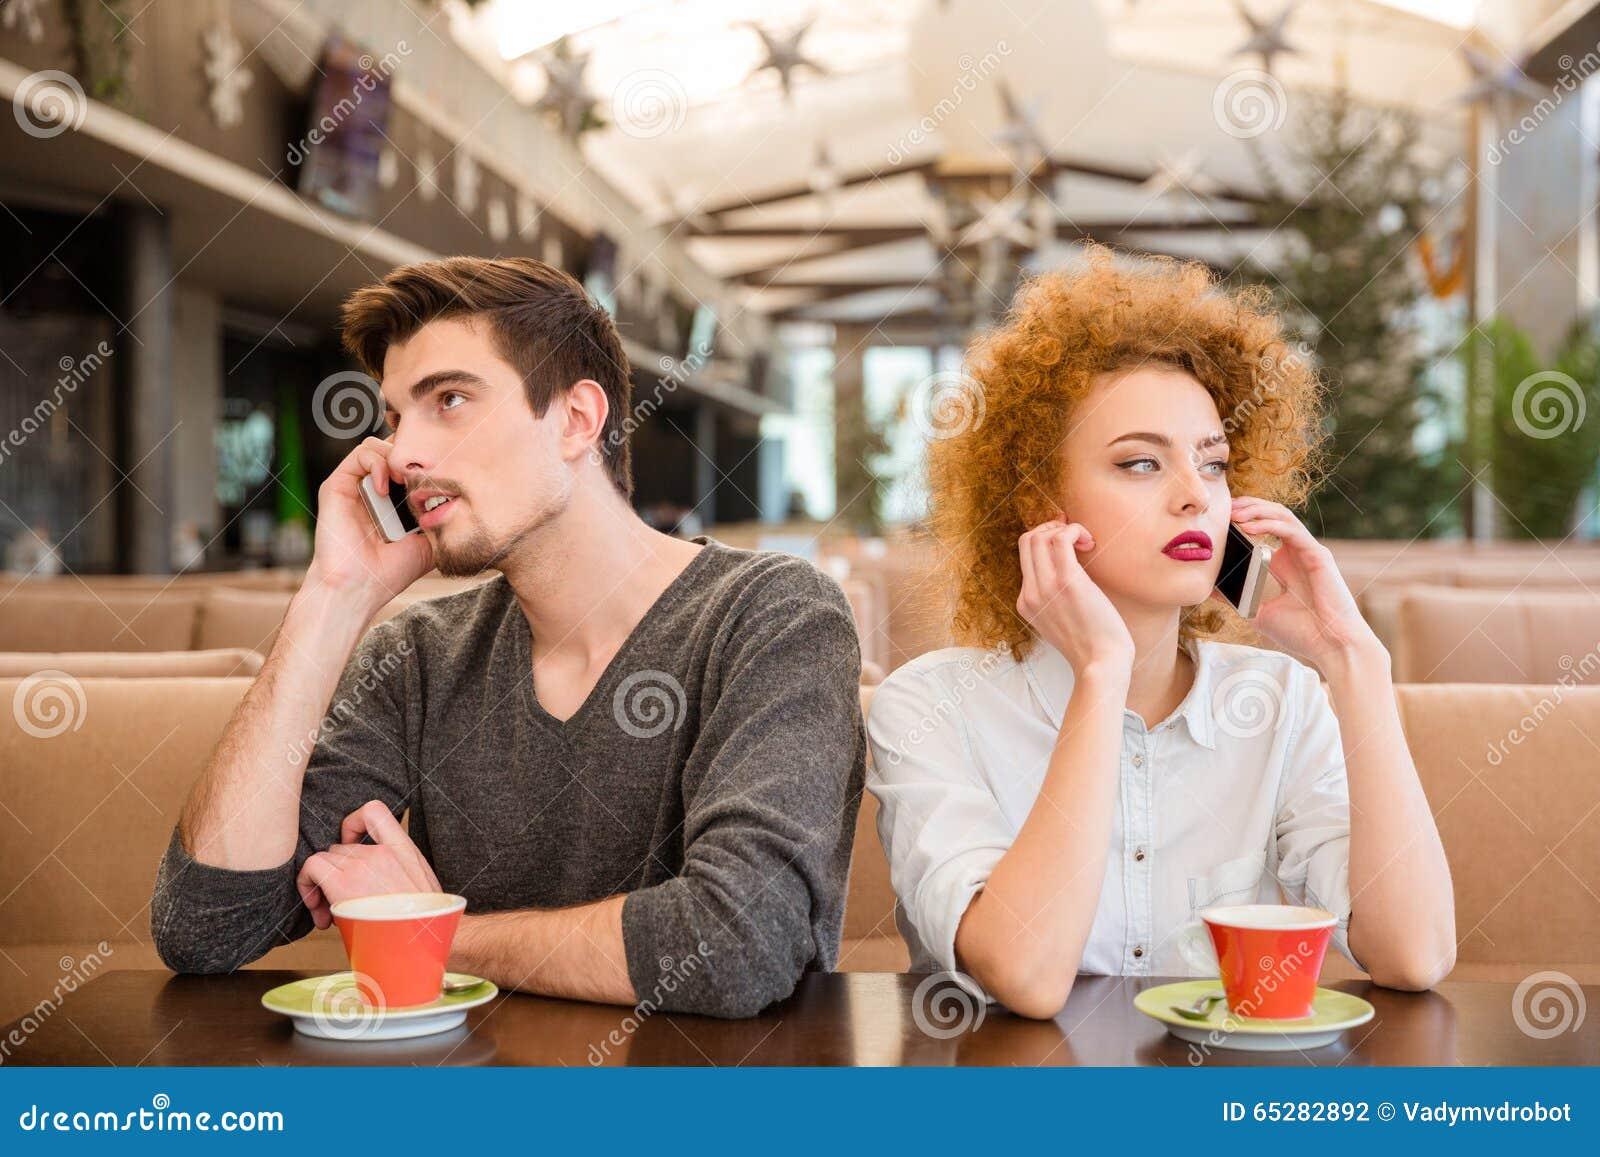 Flirten kostenlos telefon